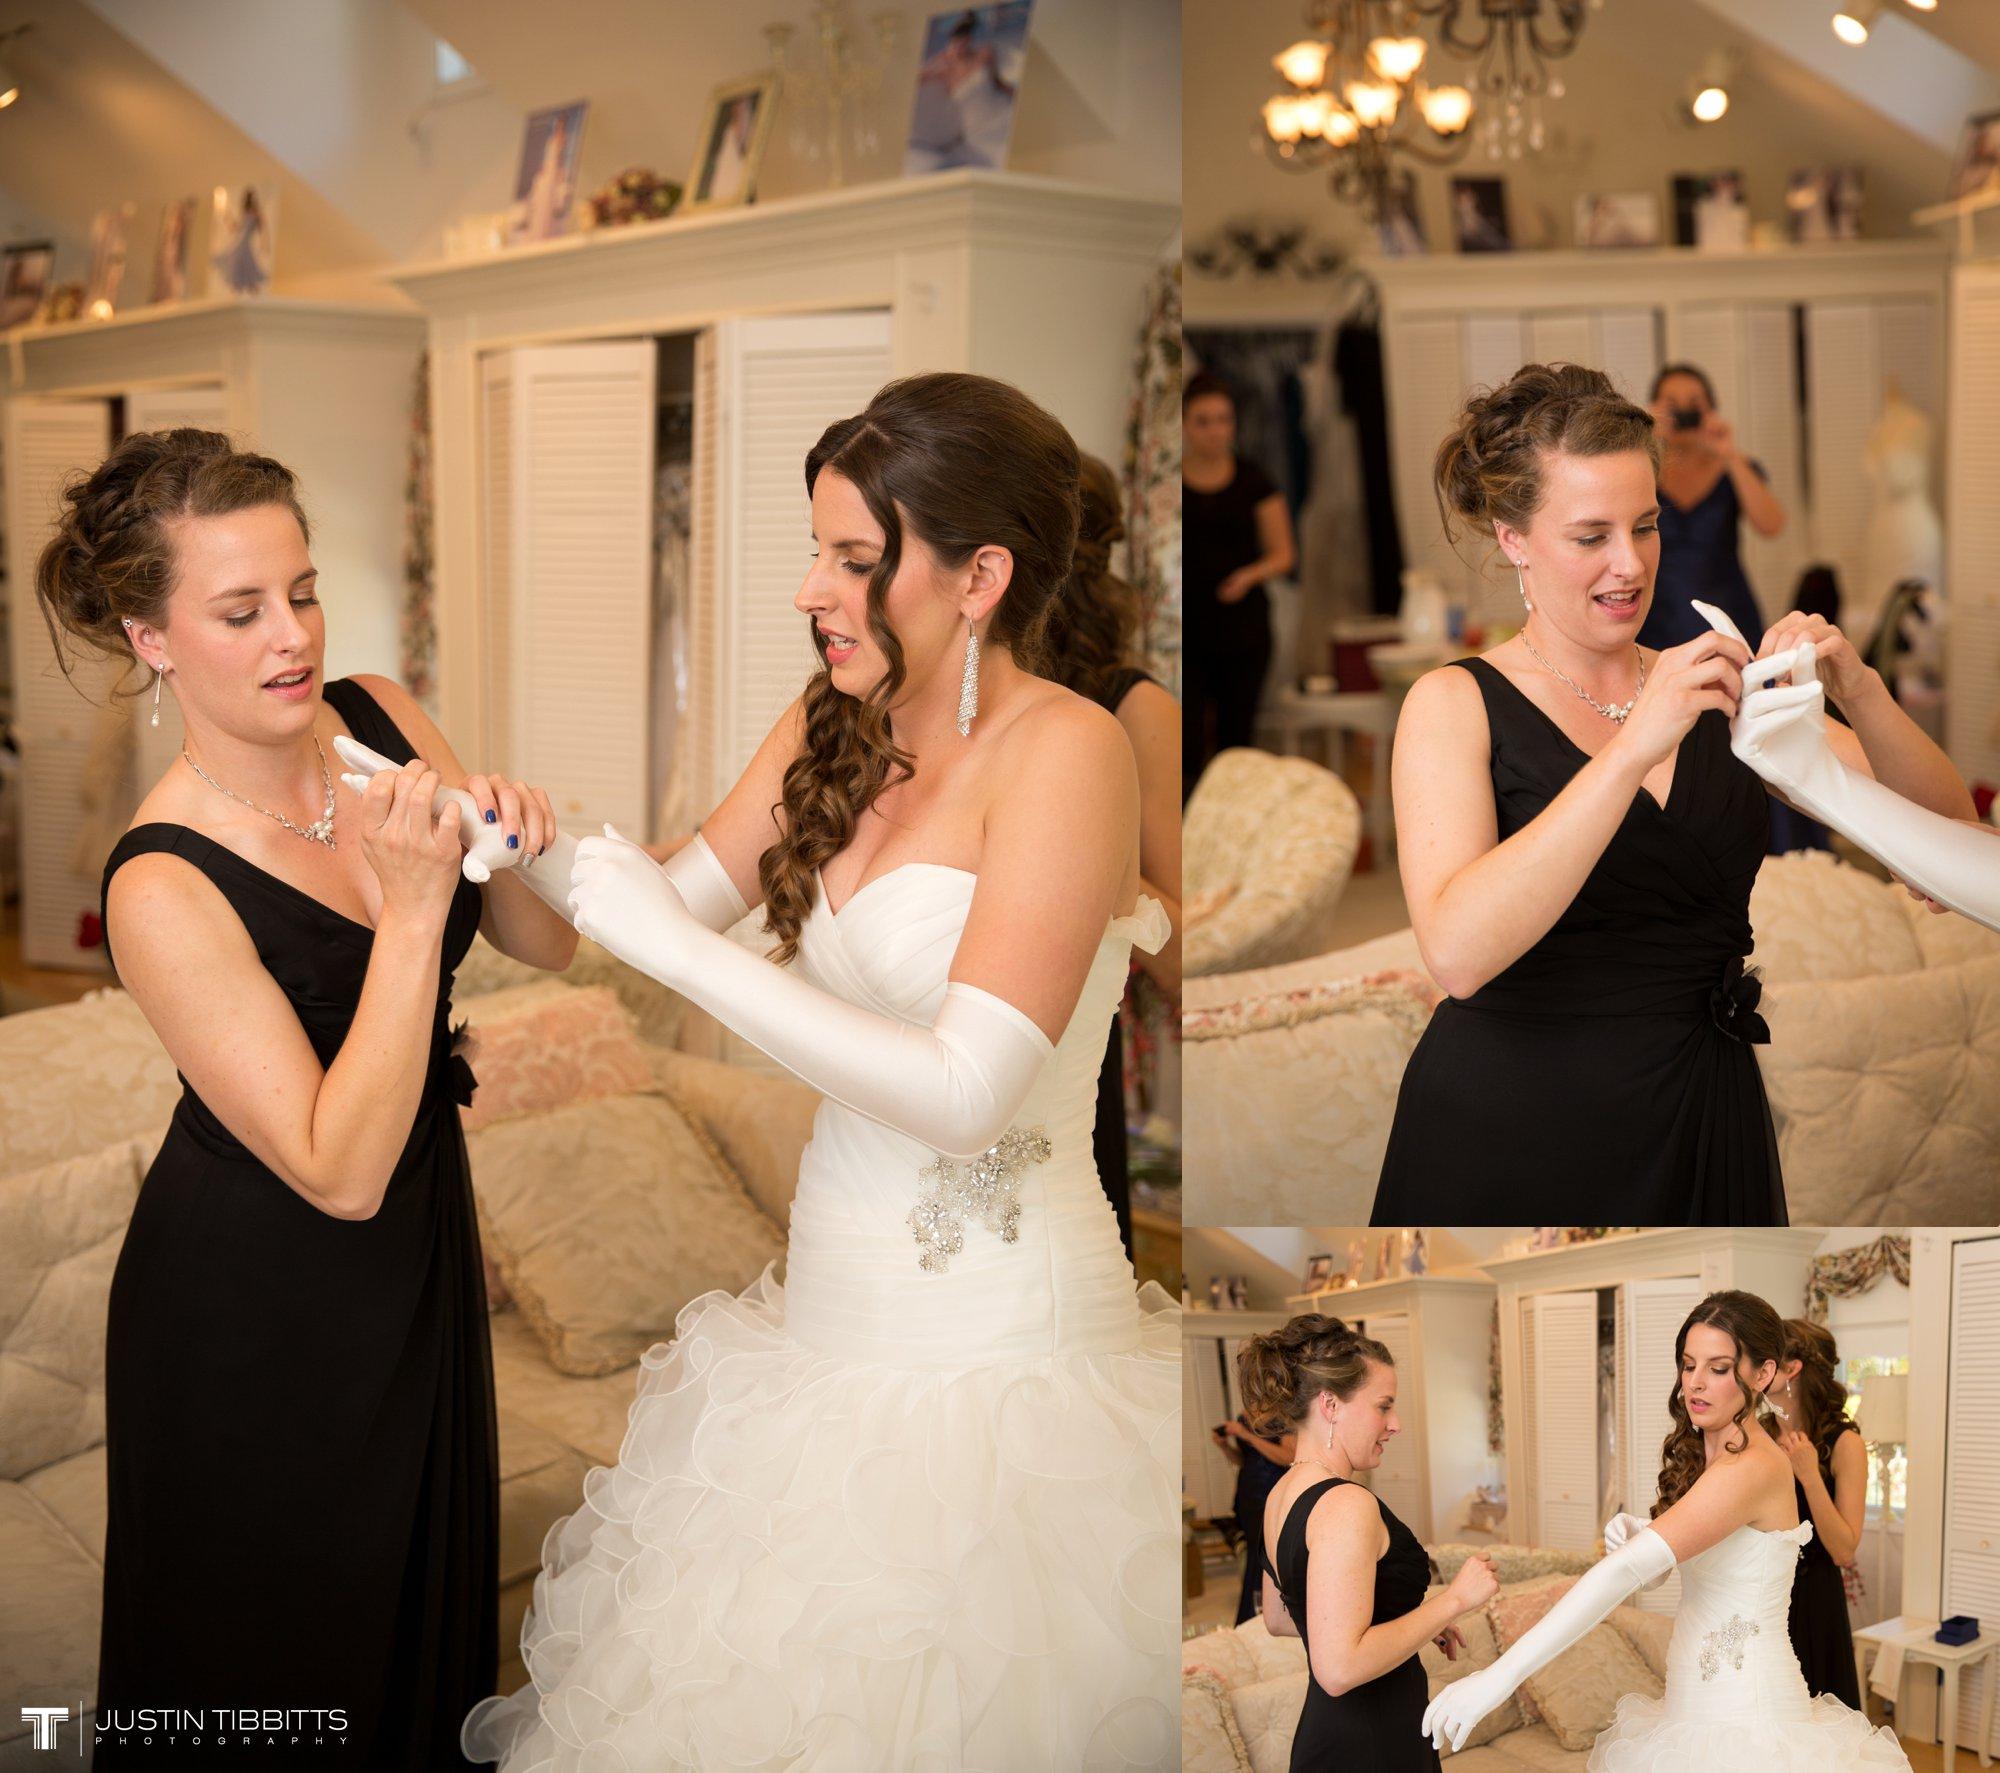 Albany NY Wedding Photographer Justin Tibbitts Photography Best of Albany NY Weddings 201492